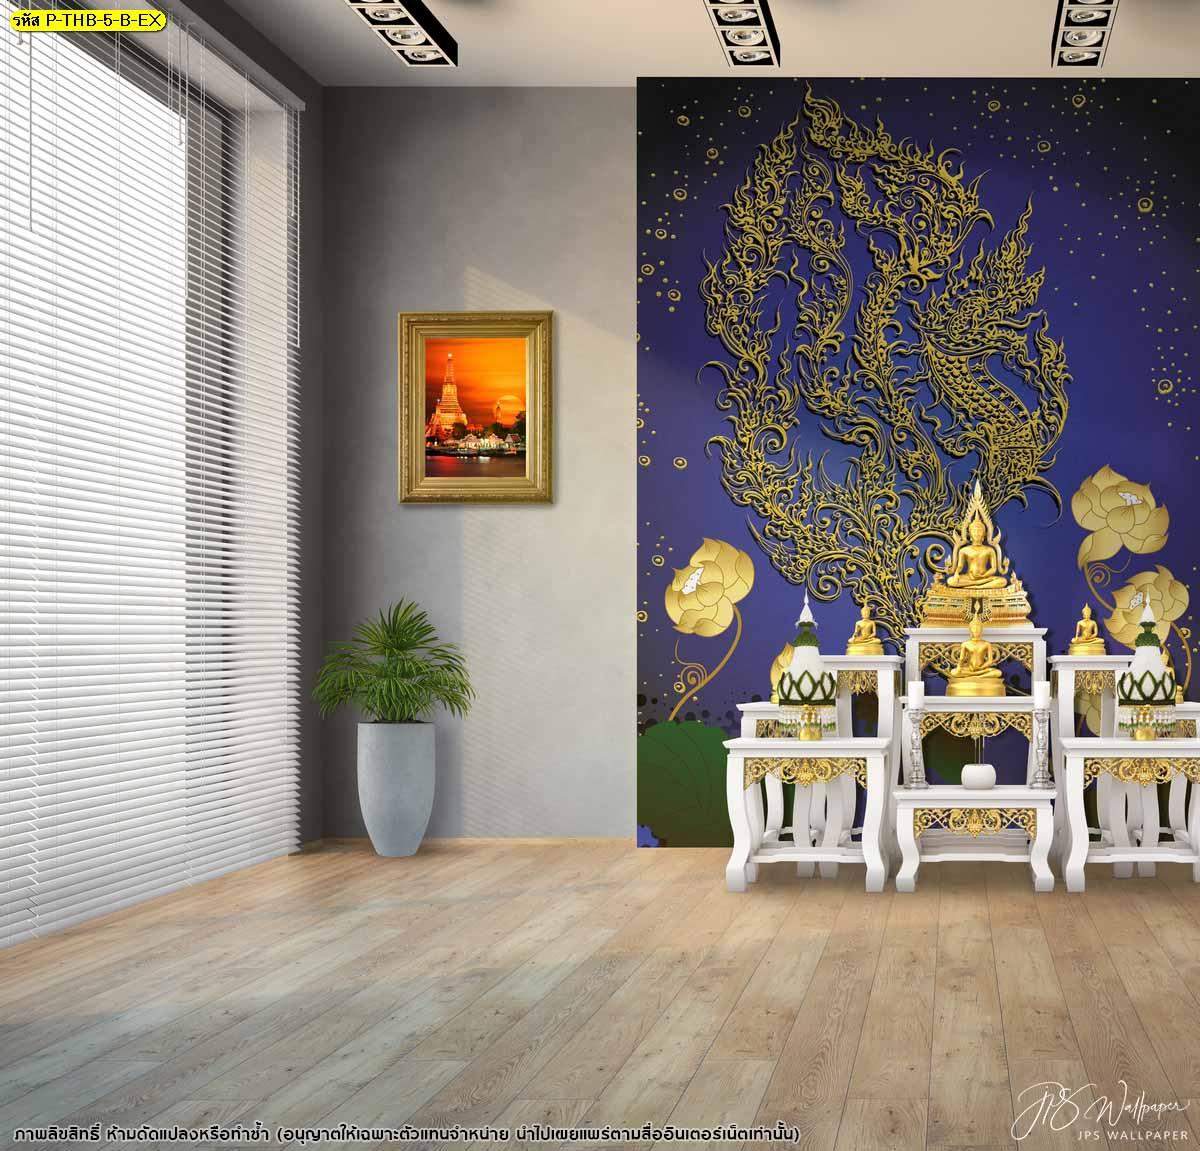 วอลเปเปอร์ลายไทยพญานาคลายเส้นสีทองประดับดอกบัวพื้นหลังสีฟ้า ไอเดียห้องพระลายไทยสวยๆ